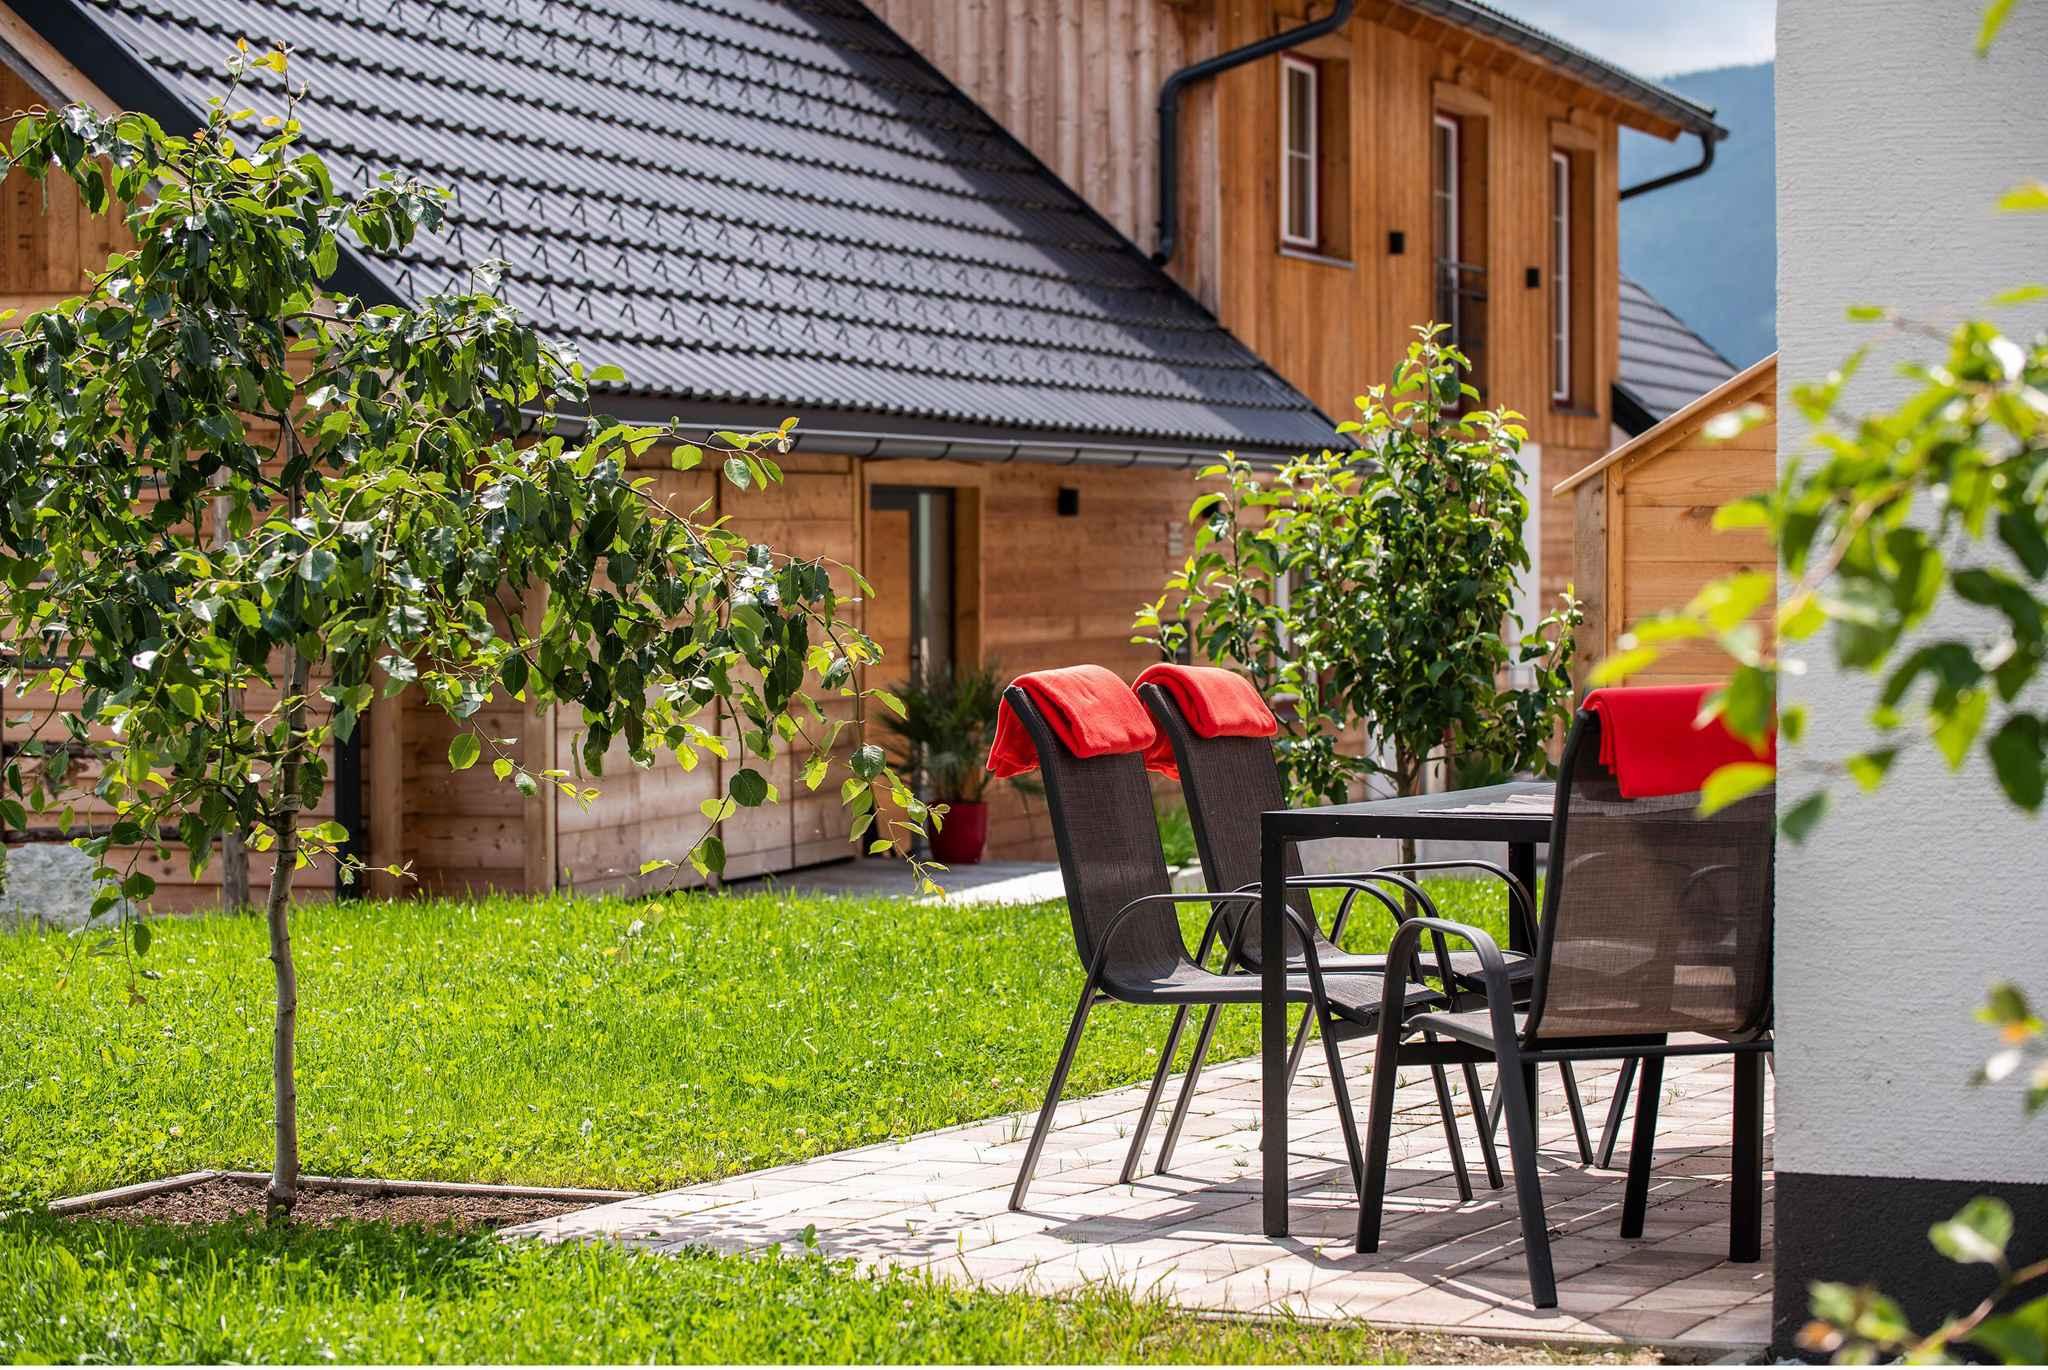 Ferienhaus im Feriendorf Edelweiss (2916176), Mariapfarr, Lungau, Salzburg, Österreich, Bild 1